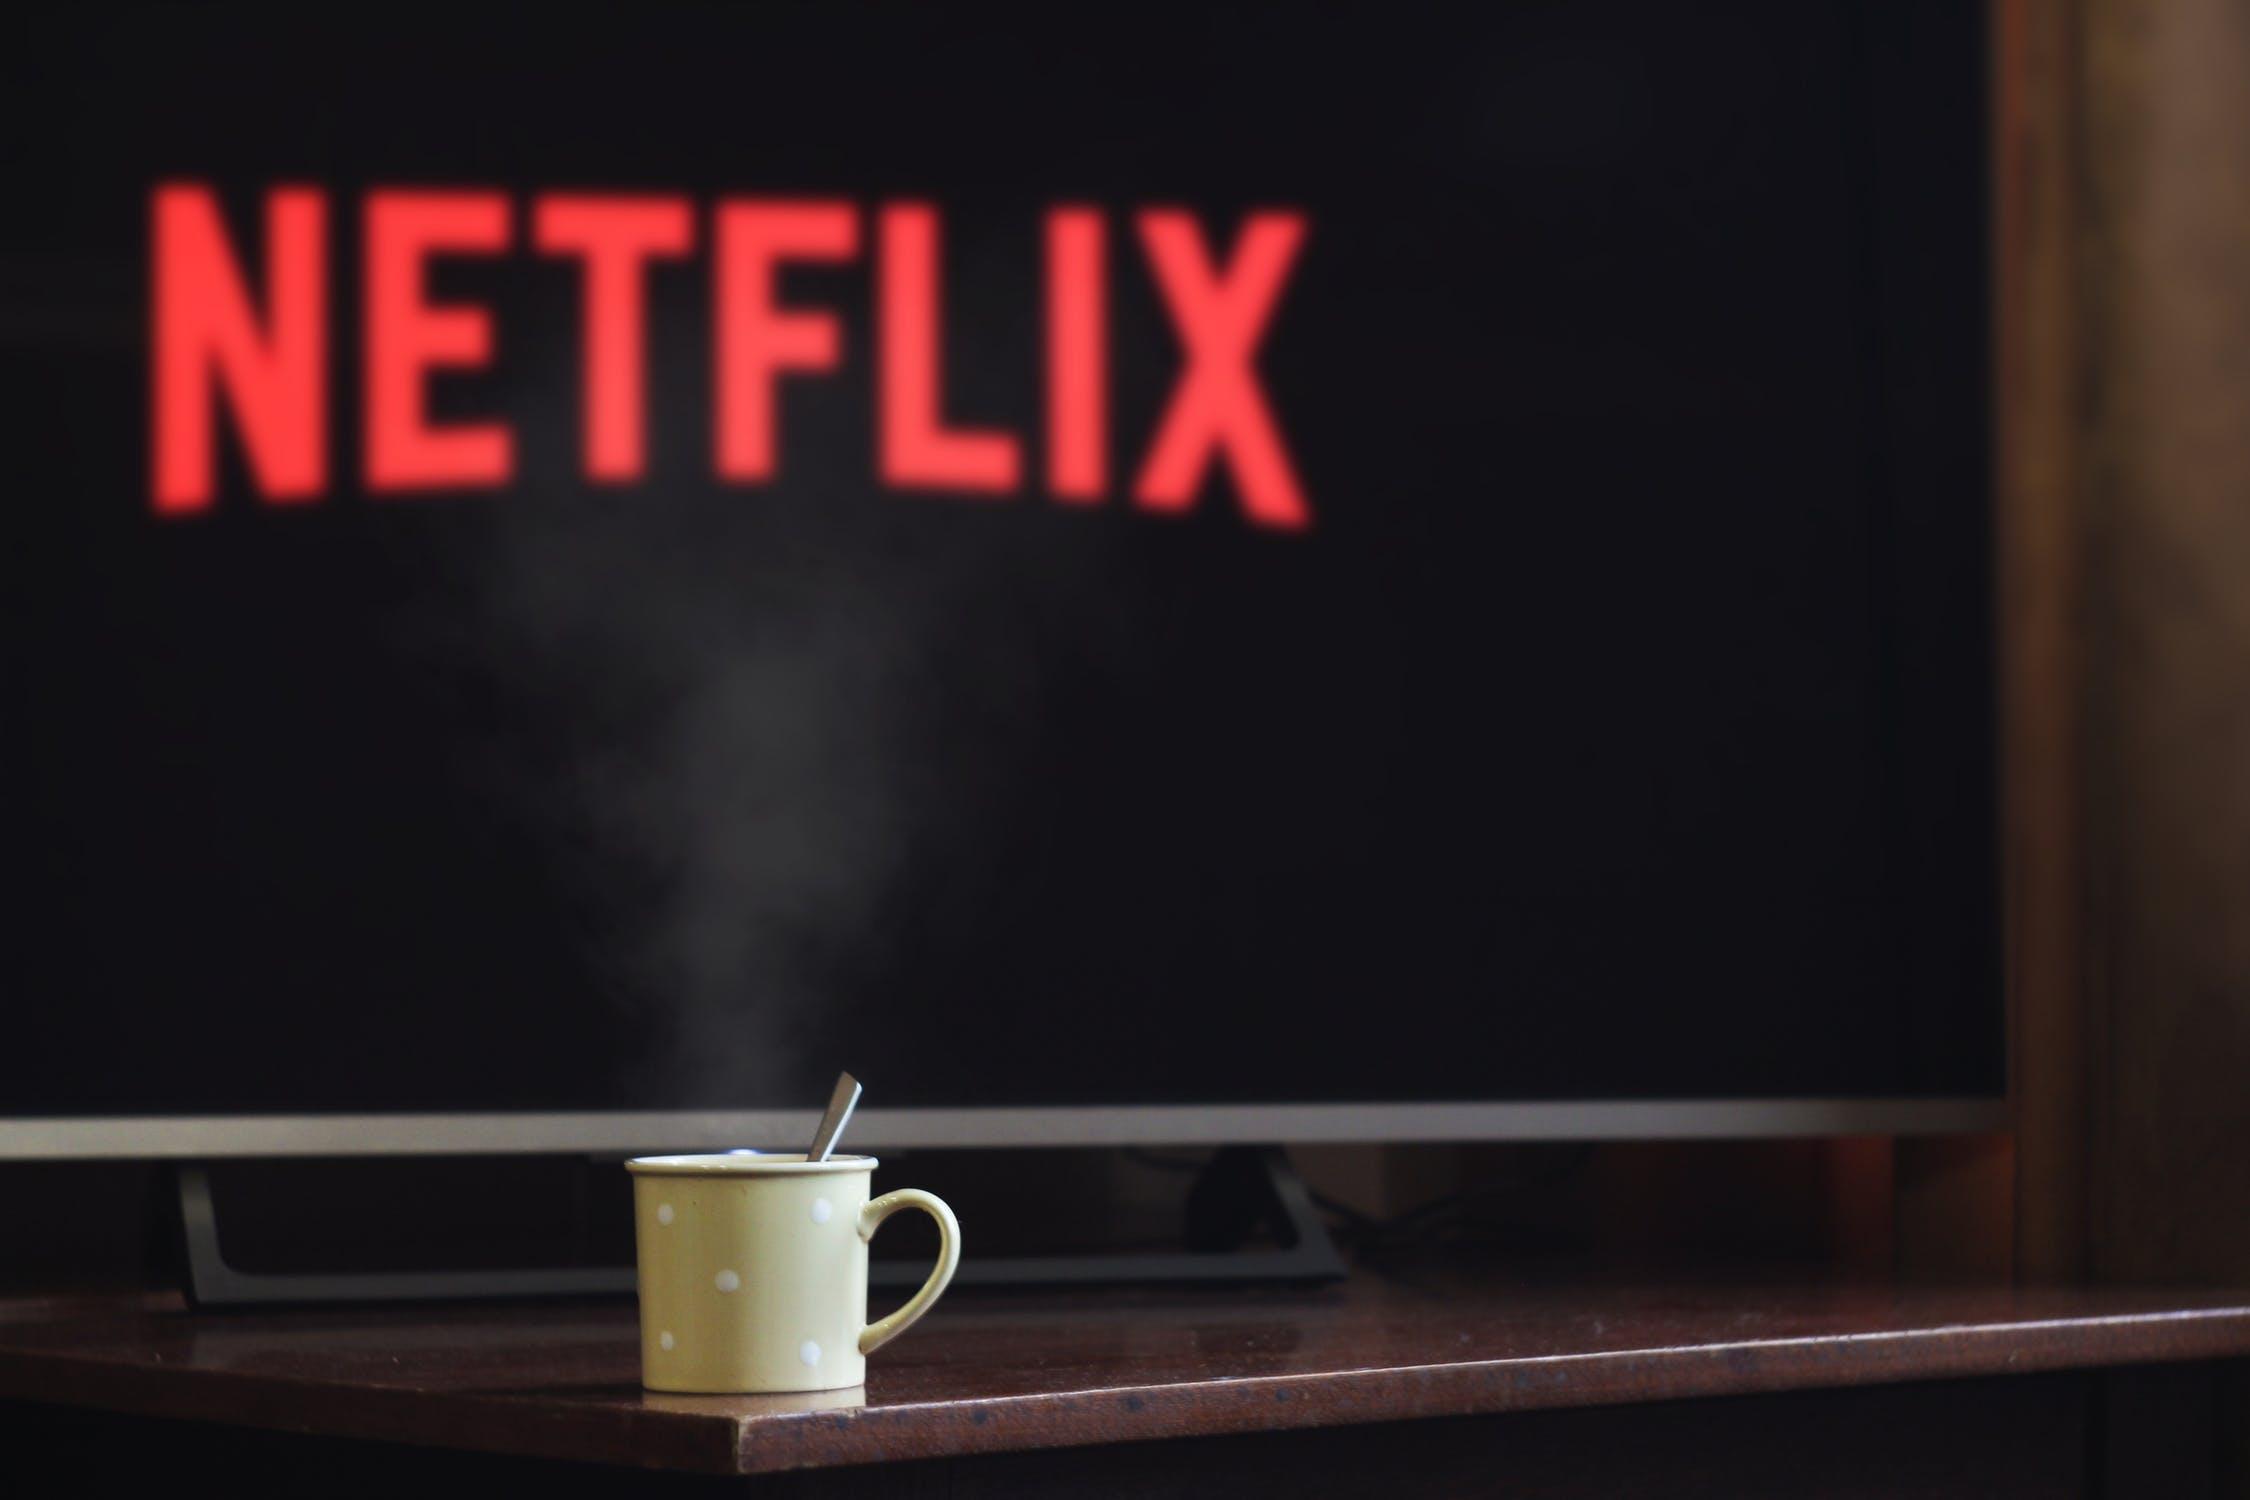 Oblíbené pořady a filmy bez reklam a kdykoli chcete? Víme, jak na to.